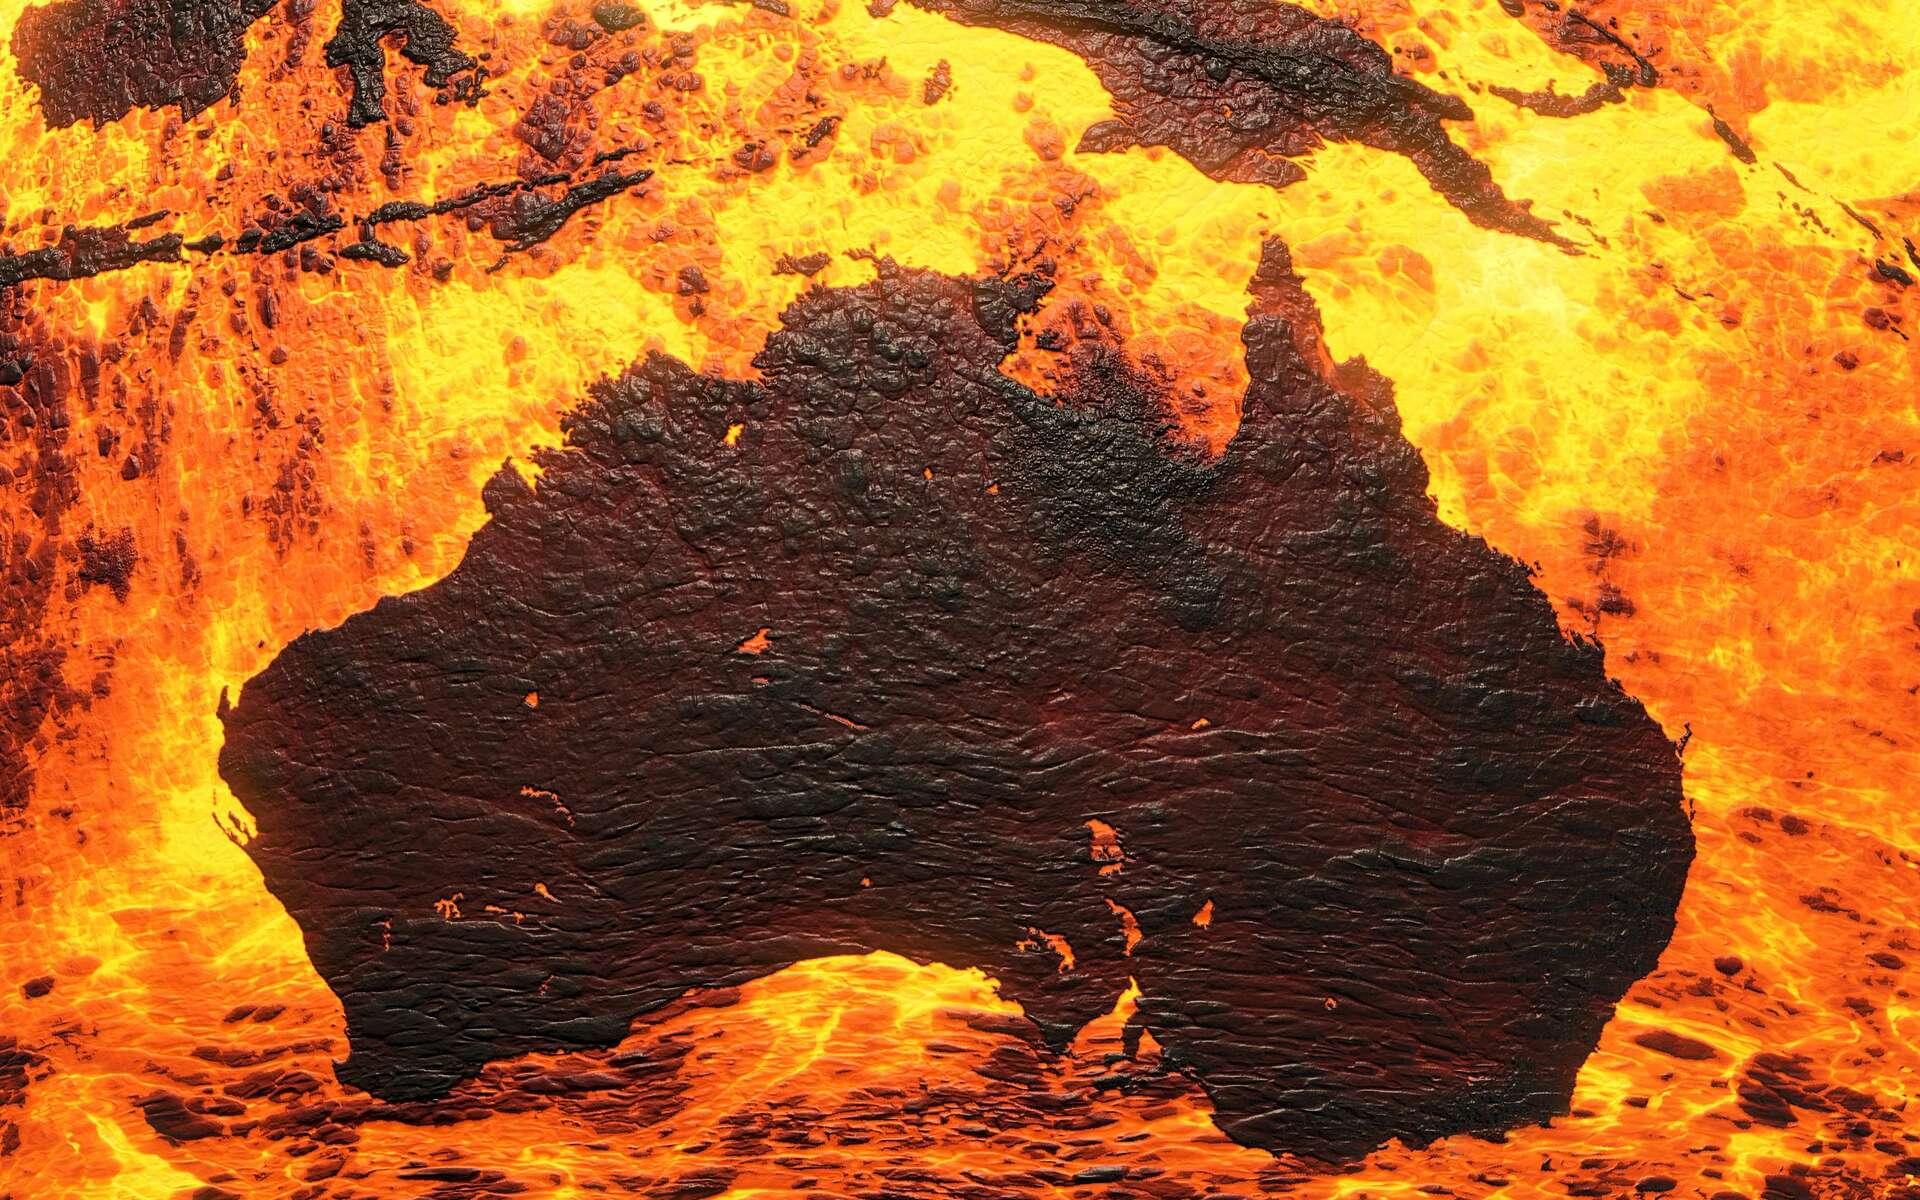 Depuis le mois de septembre, les incendies en Australie ont d'ores et déjà calciné six millions d'hectares. © Dimiter, Adobe Stock